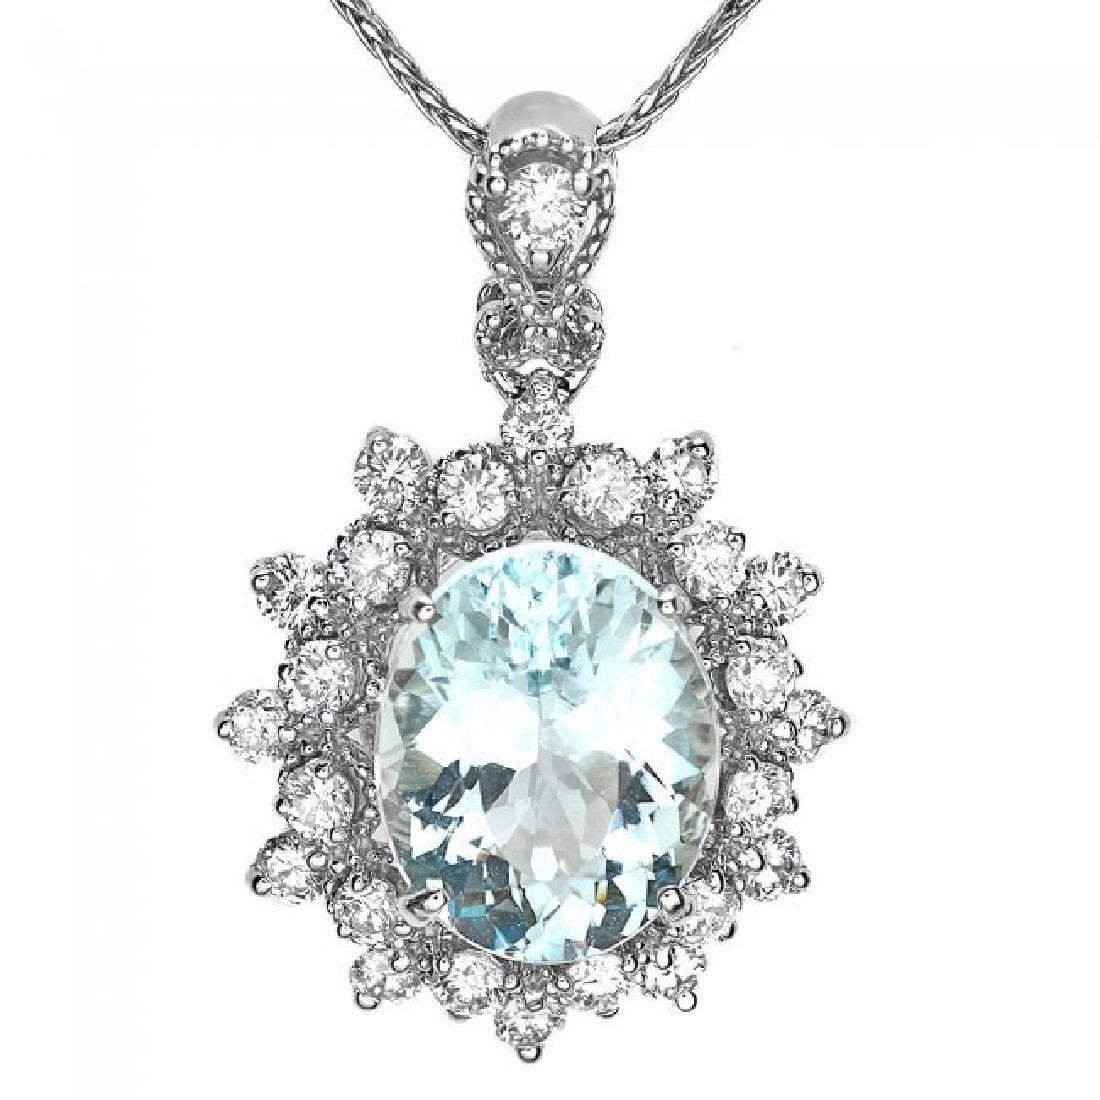 14k Gold 2.8ct Aquamarine .70ct Diamond Pendant - 2